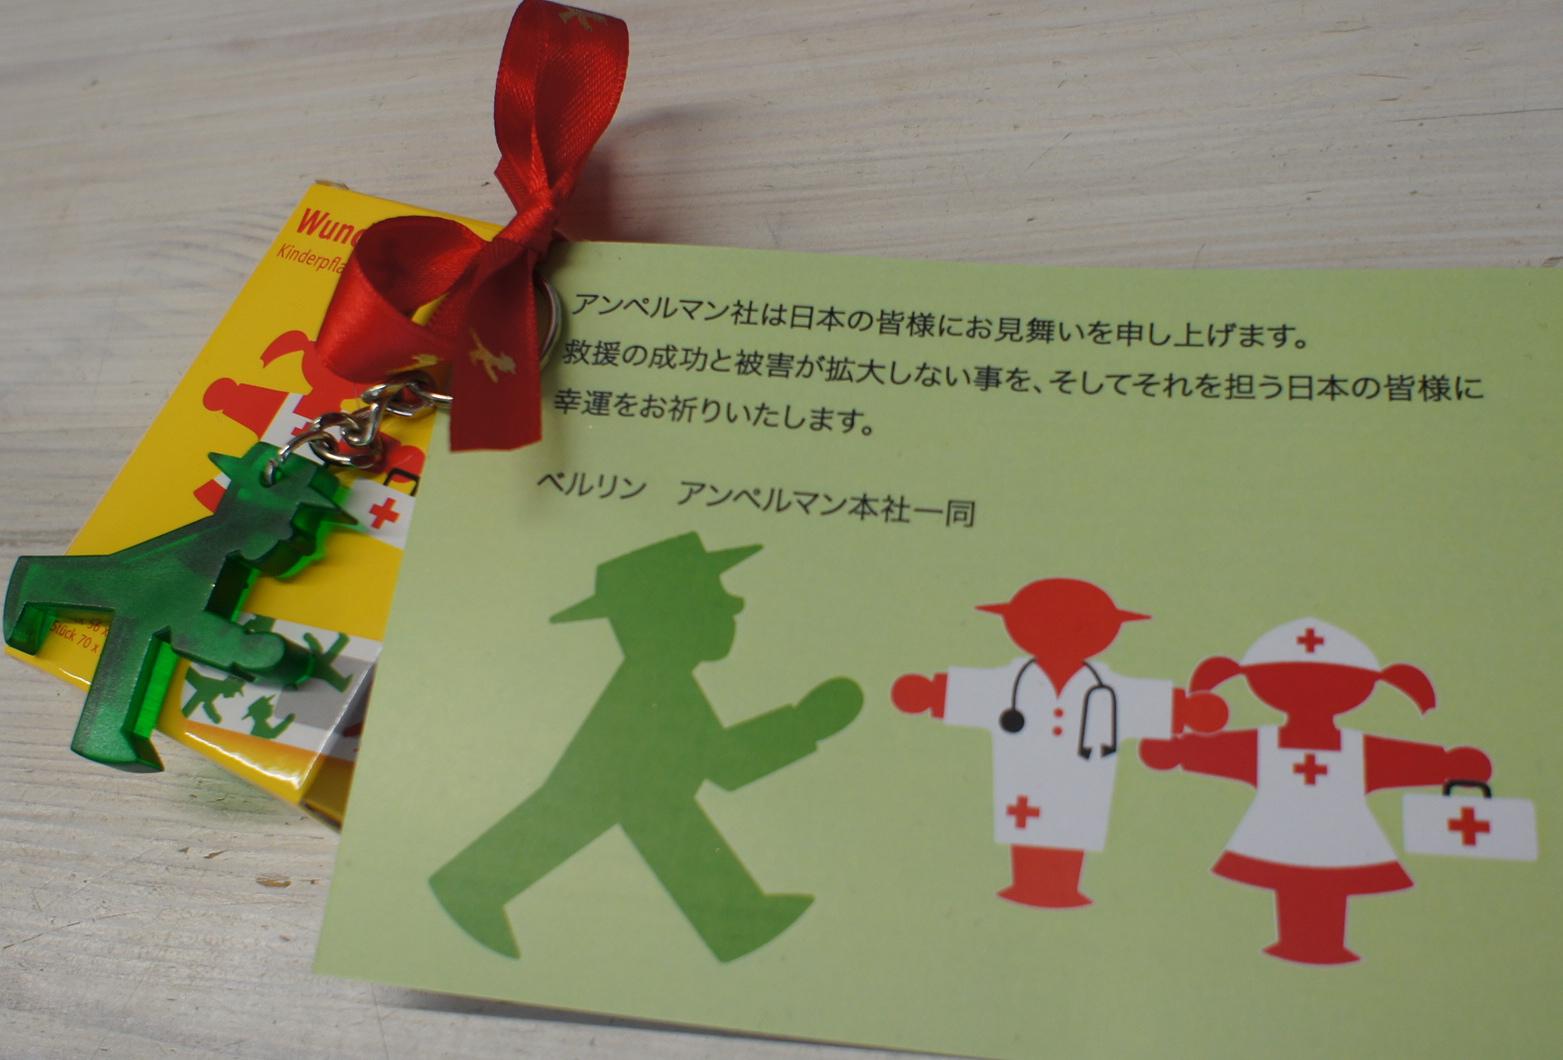 アンペルマンベルリン本社より日本の皆様にお見舞い申し上げます_c0180686_134581.jpg